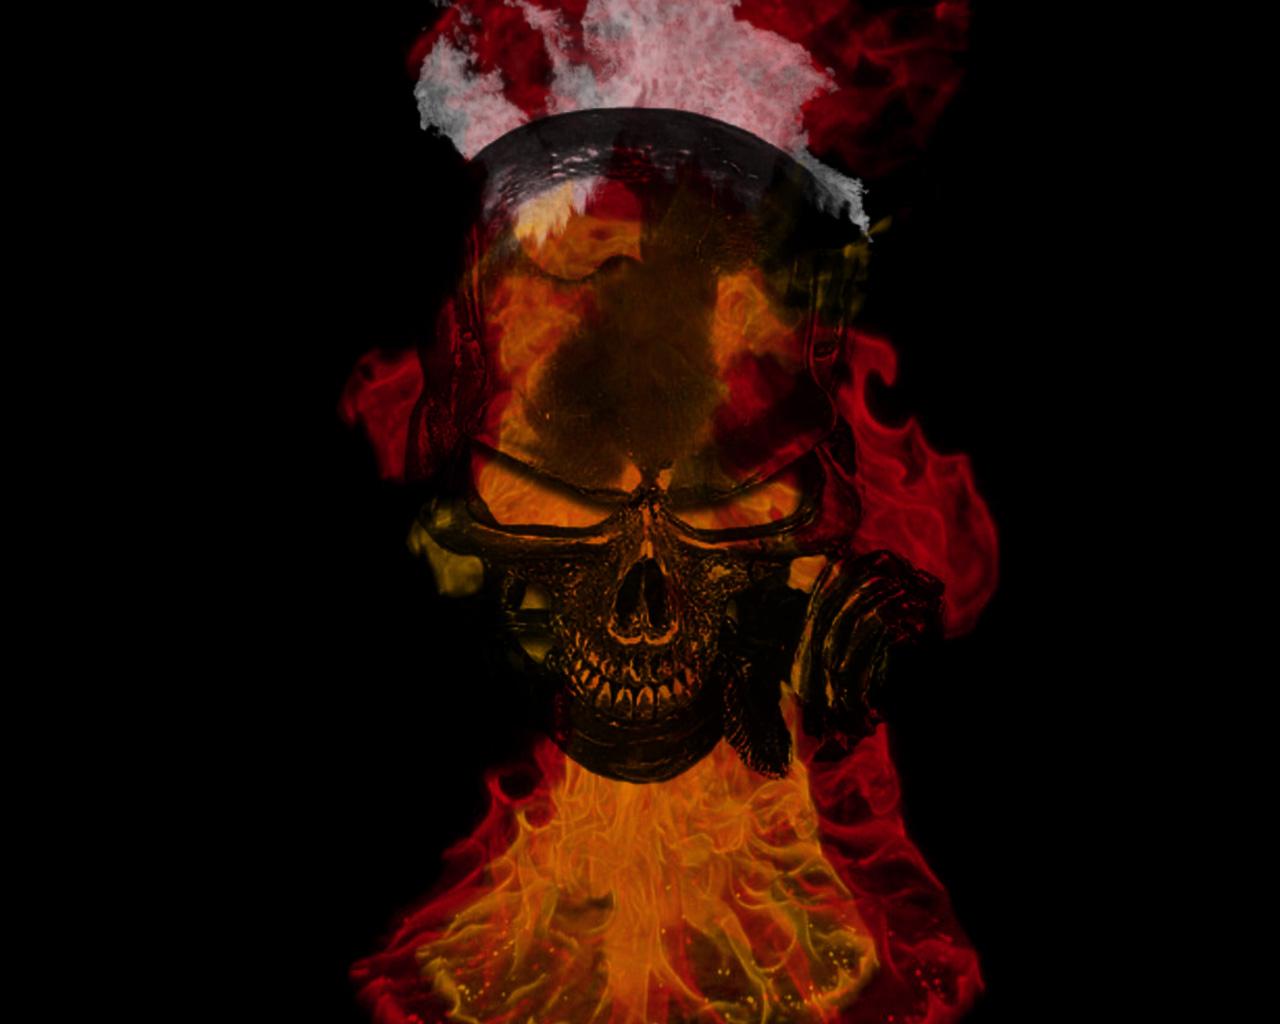 Flaming Skulls Wallpaper Skull 1280x1024 Download Resolutions Desktop